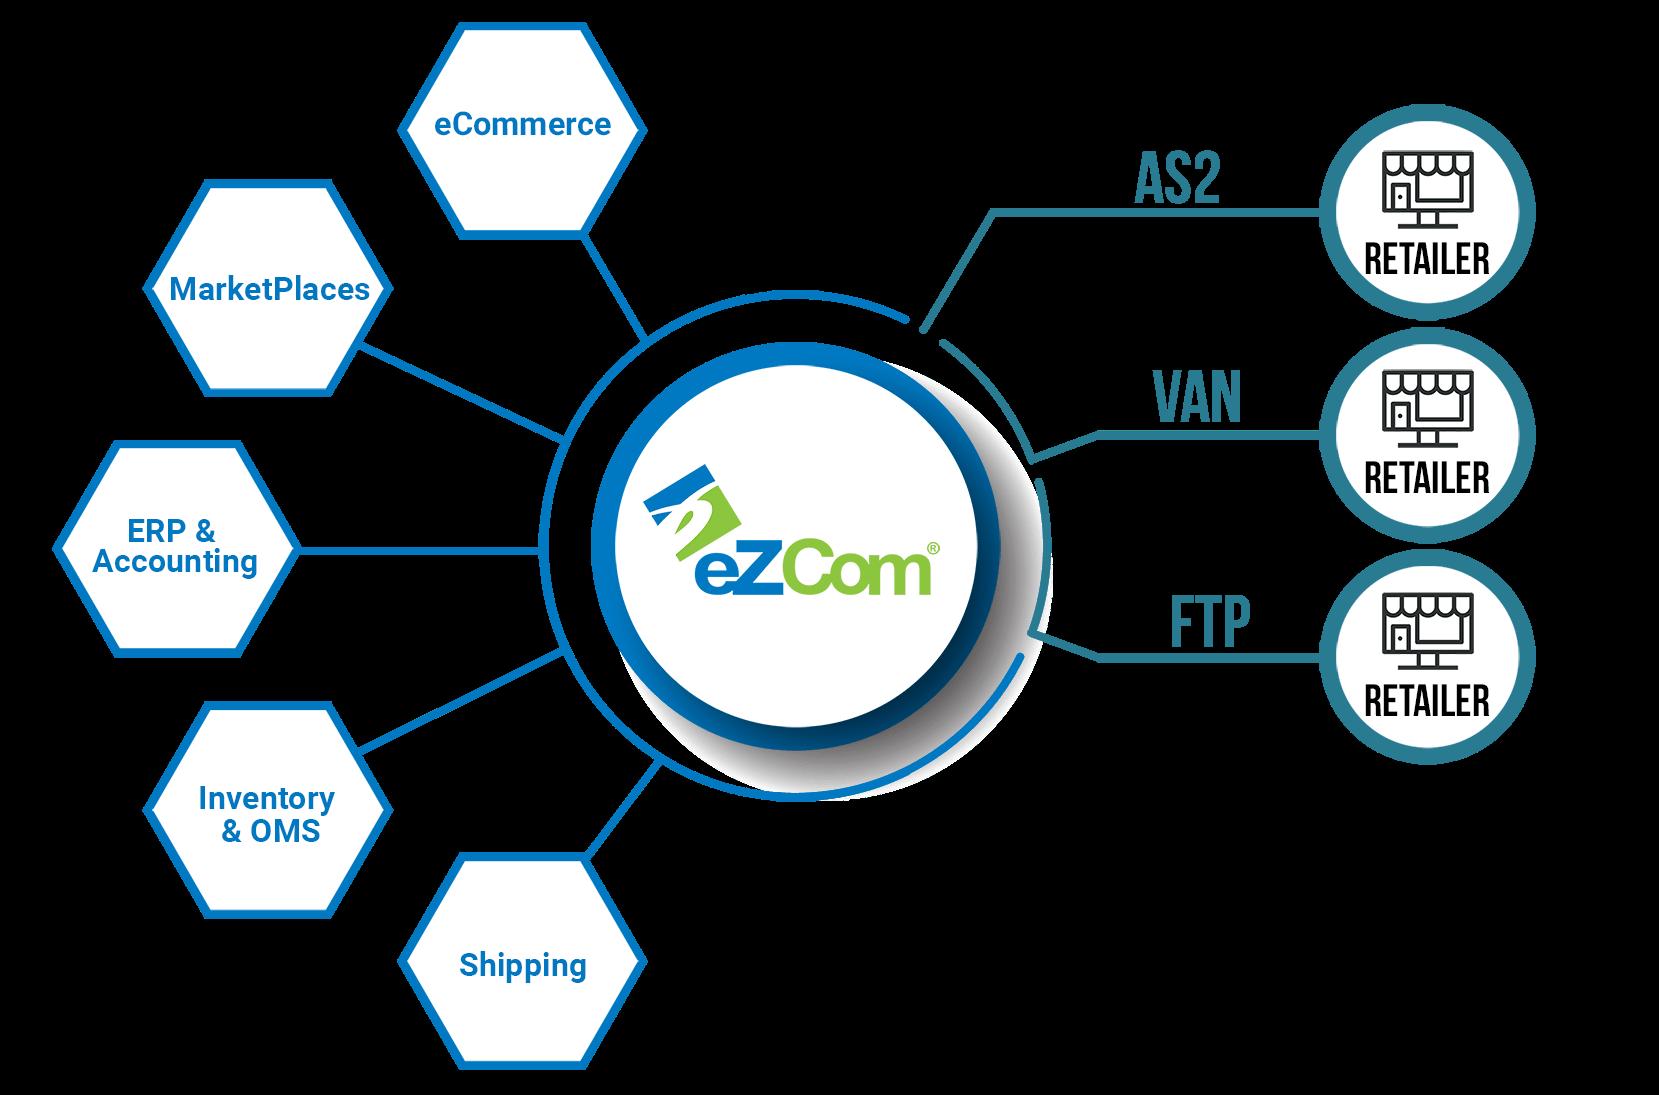 eZCom connector